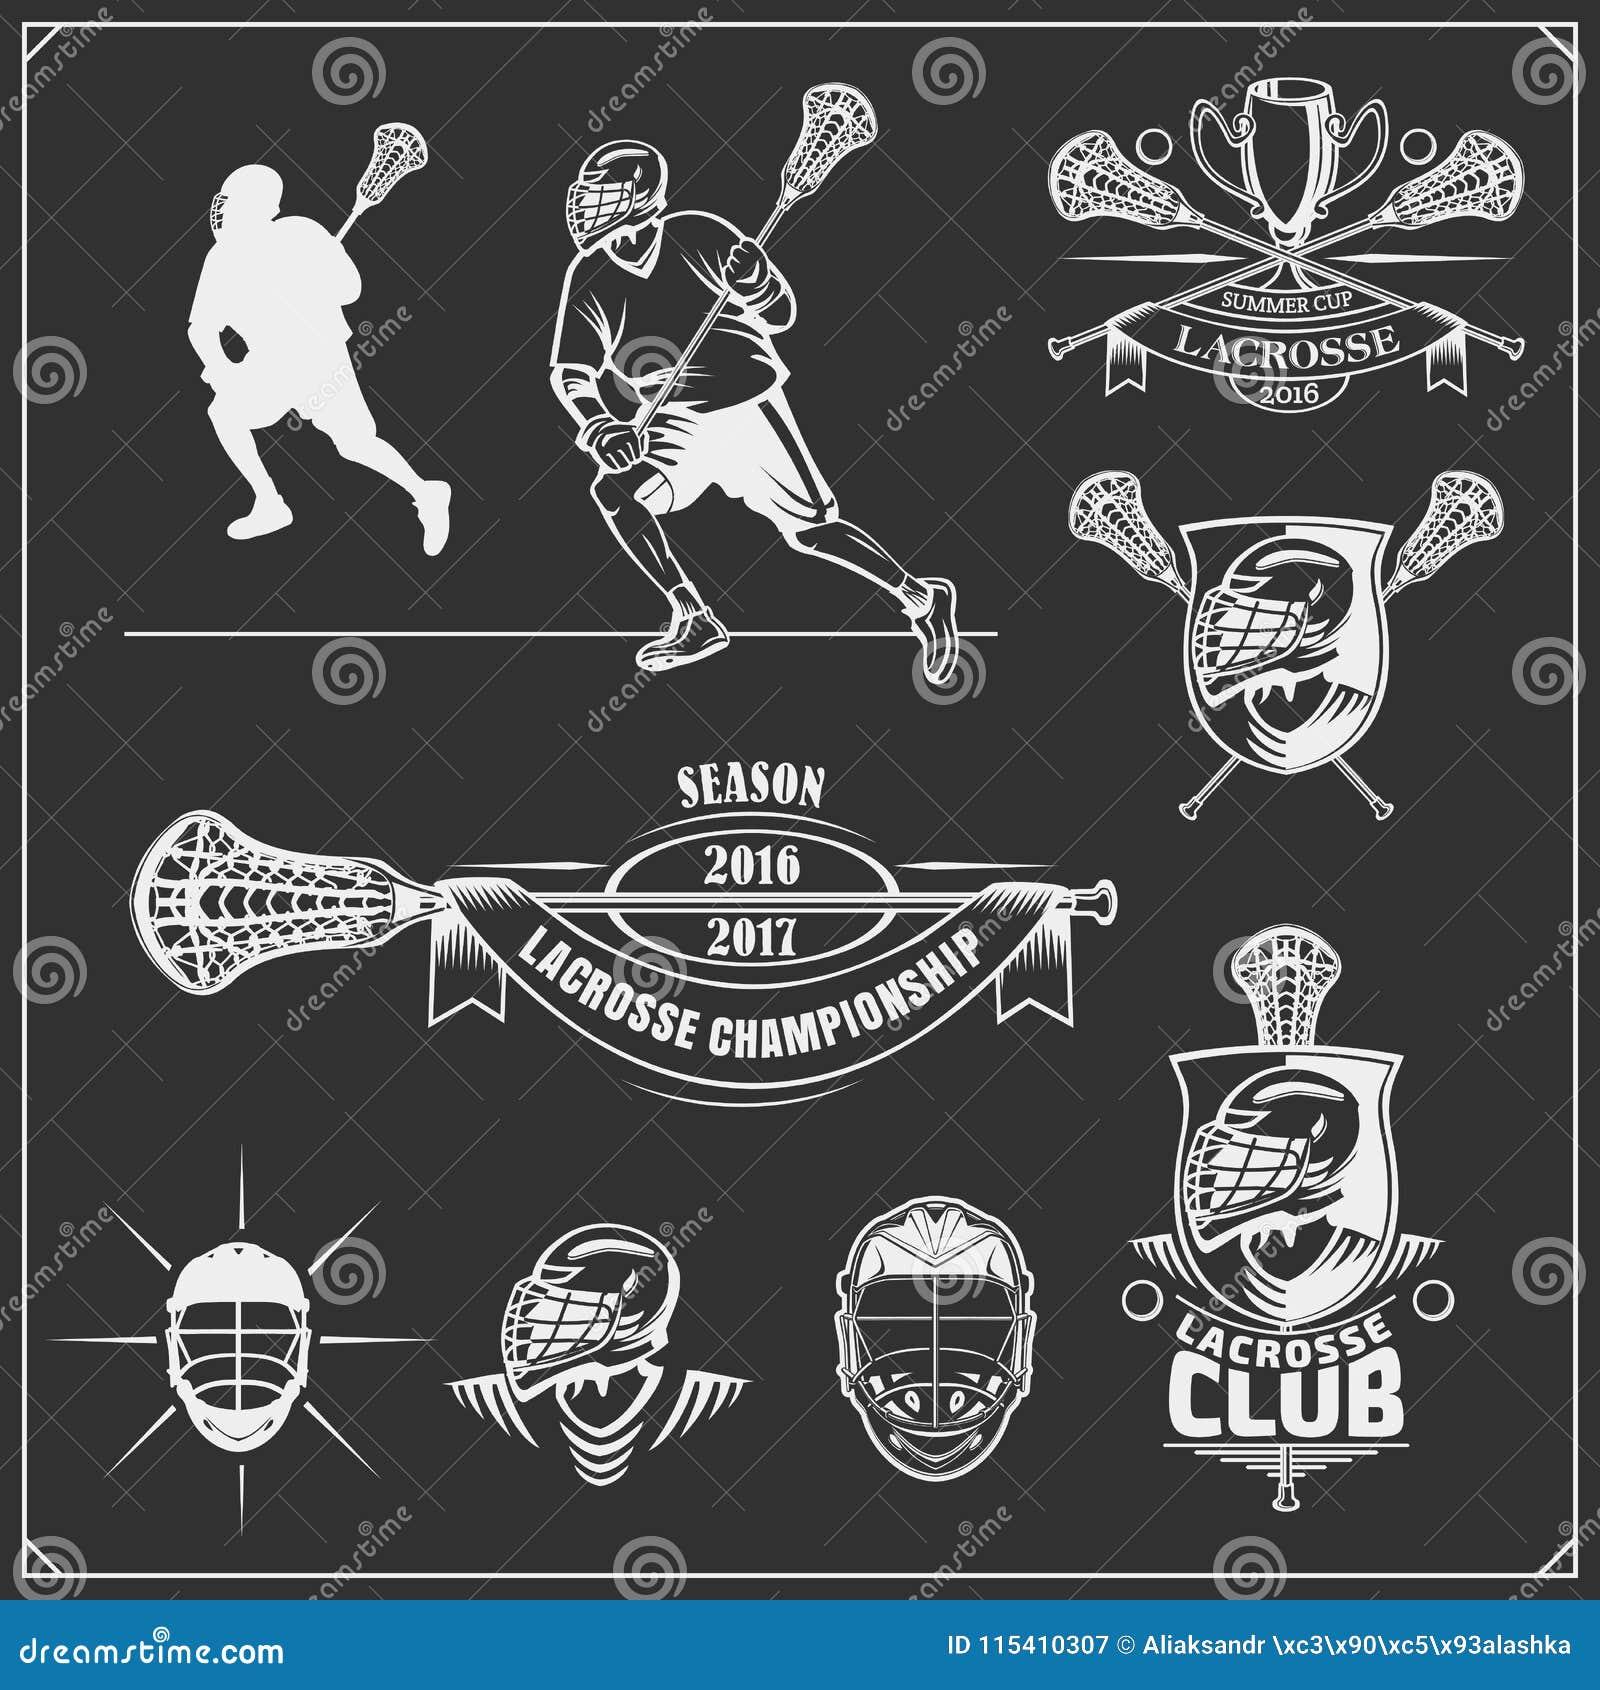 曲棍网兜球俱乐部标签、象征、设计球员的元素和剪影